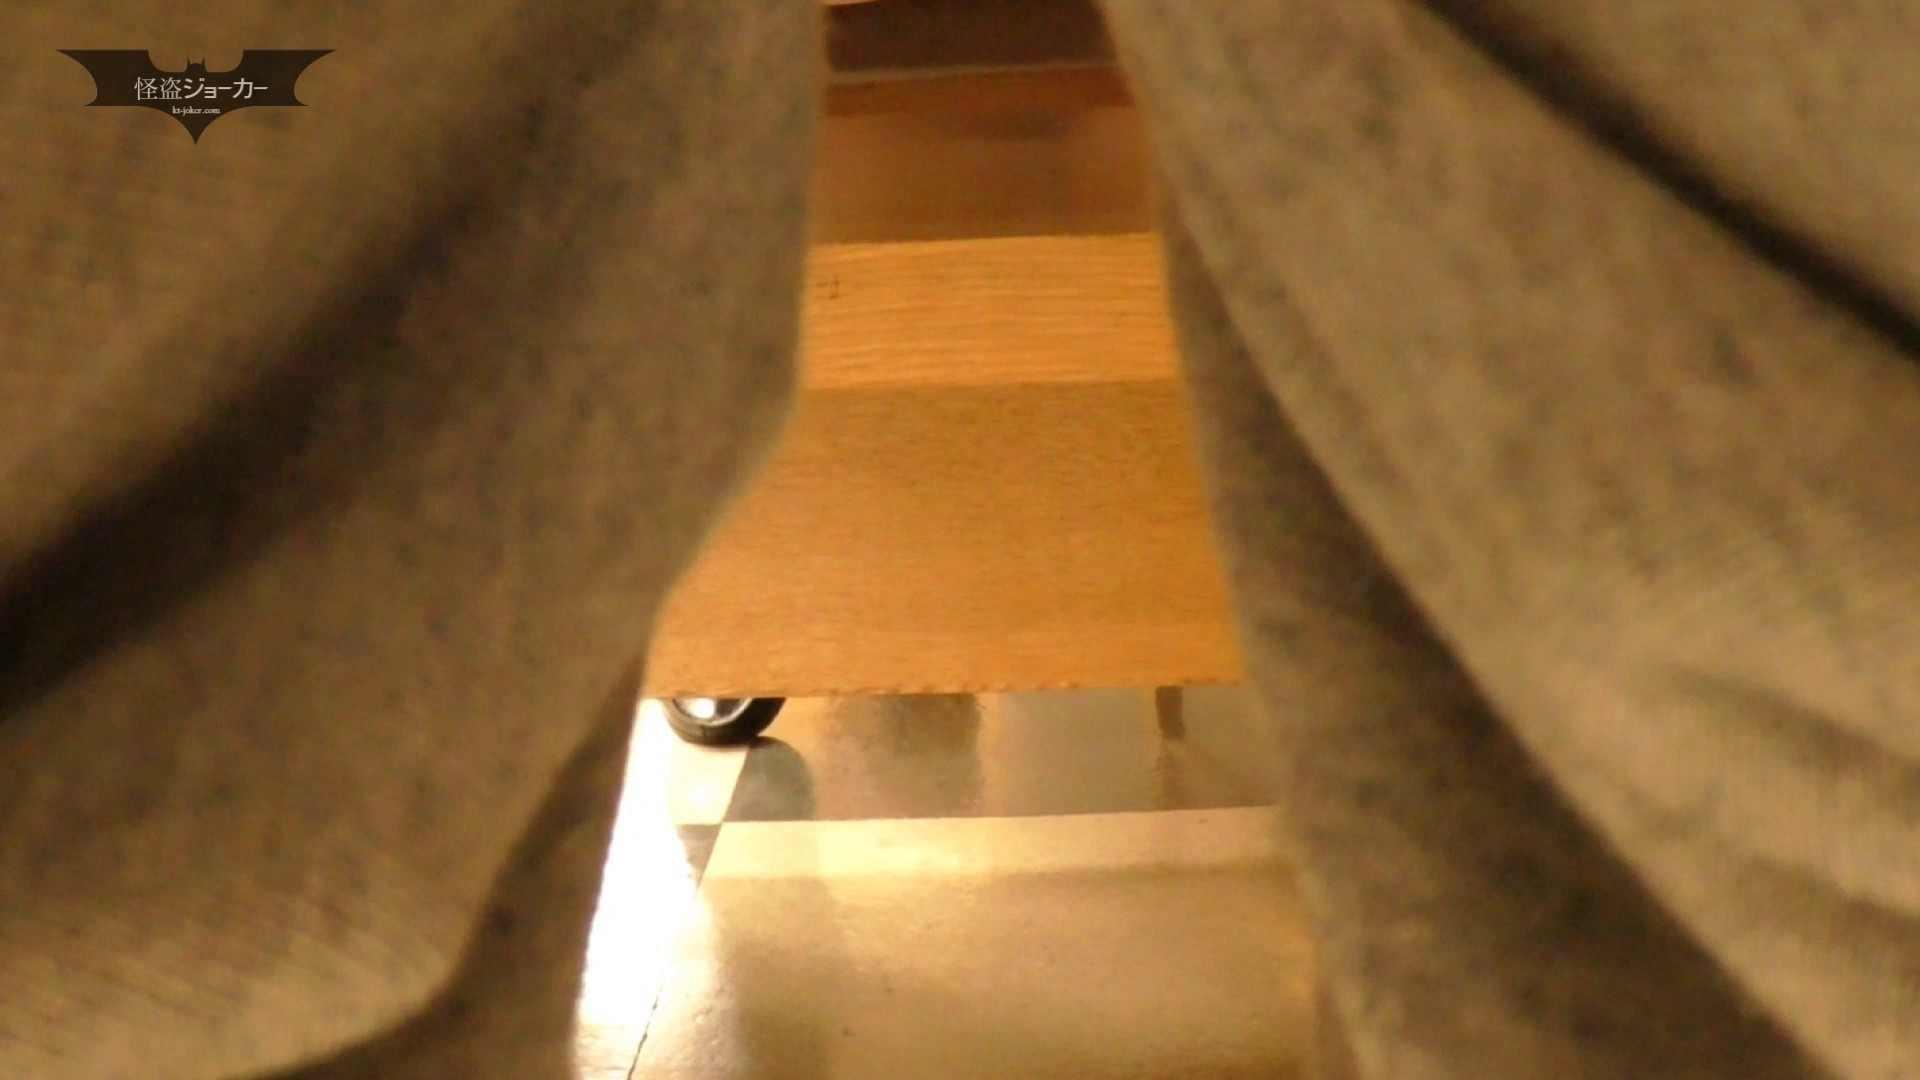 机の下の世界 Vol.04 生足はお好きですか? ギャル達 えろ無修正画像 98枚 92